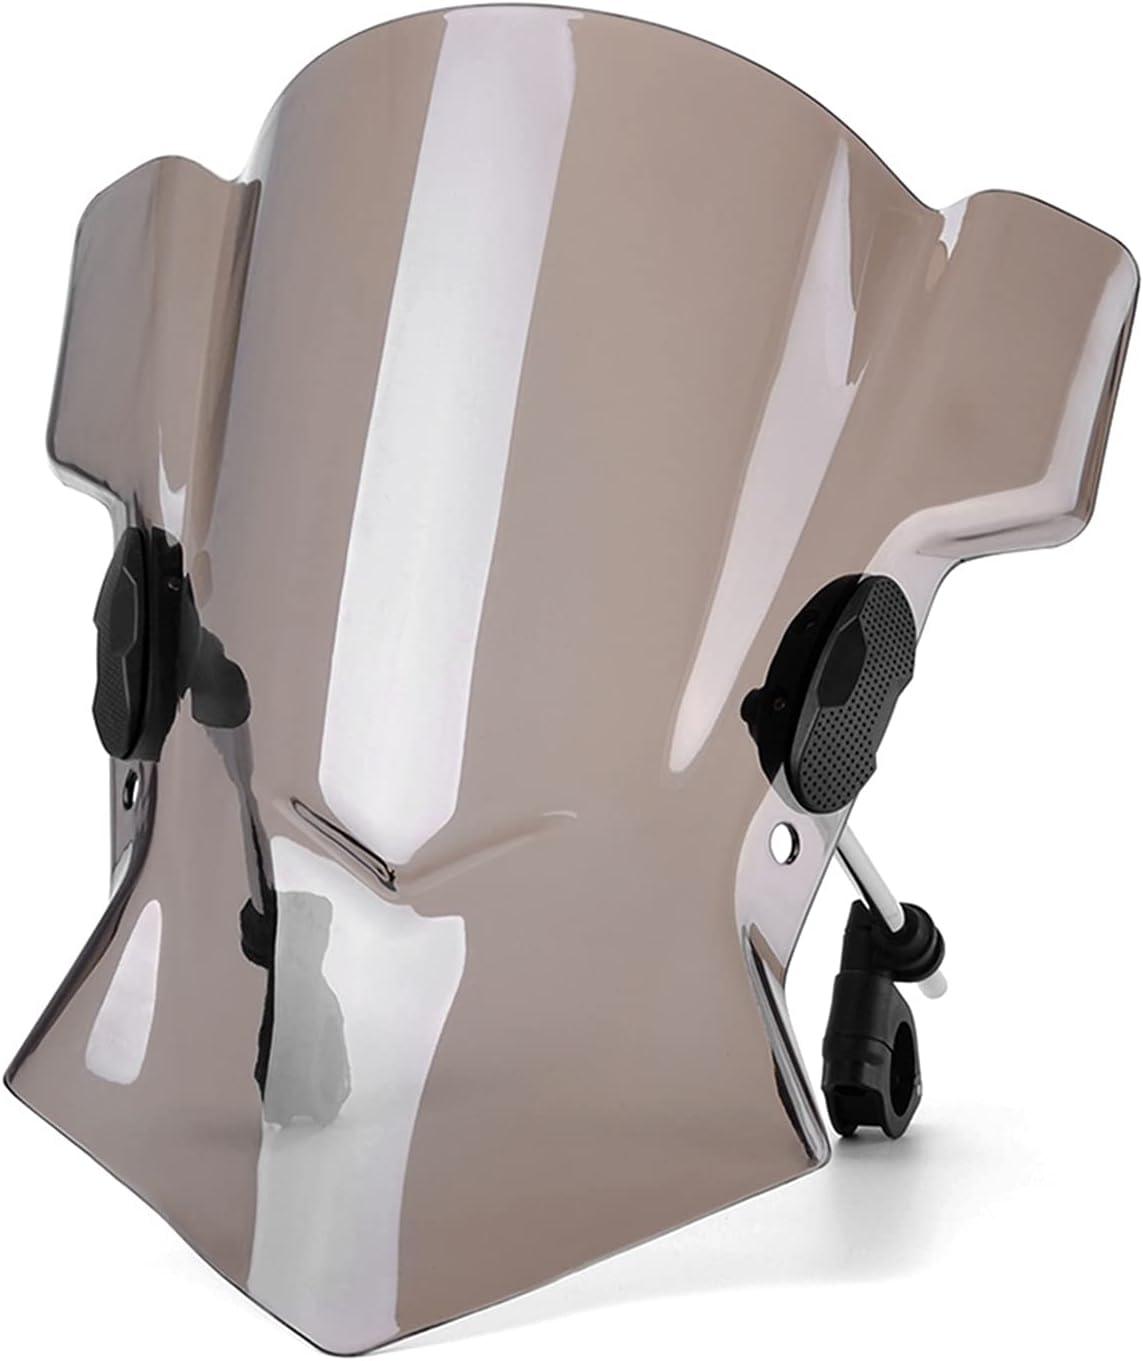 Burning Parabrisas para Moto, Motorcycle Windscreen Deflectores de Viento para HON-DA CB600F Avispón CB650F CB125F CB1300 CB 1000R 1000 para HUS-QVARNA NUDA 900R Fumo (Color : Smoke)